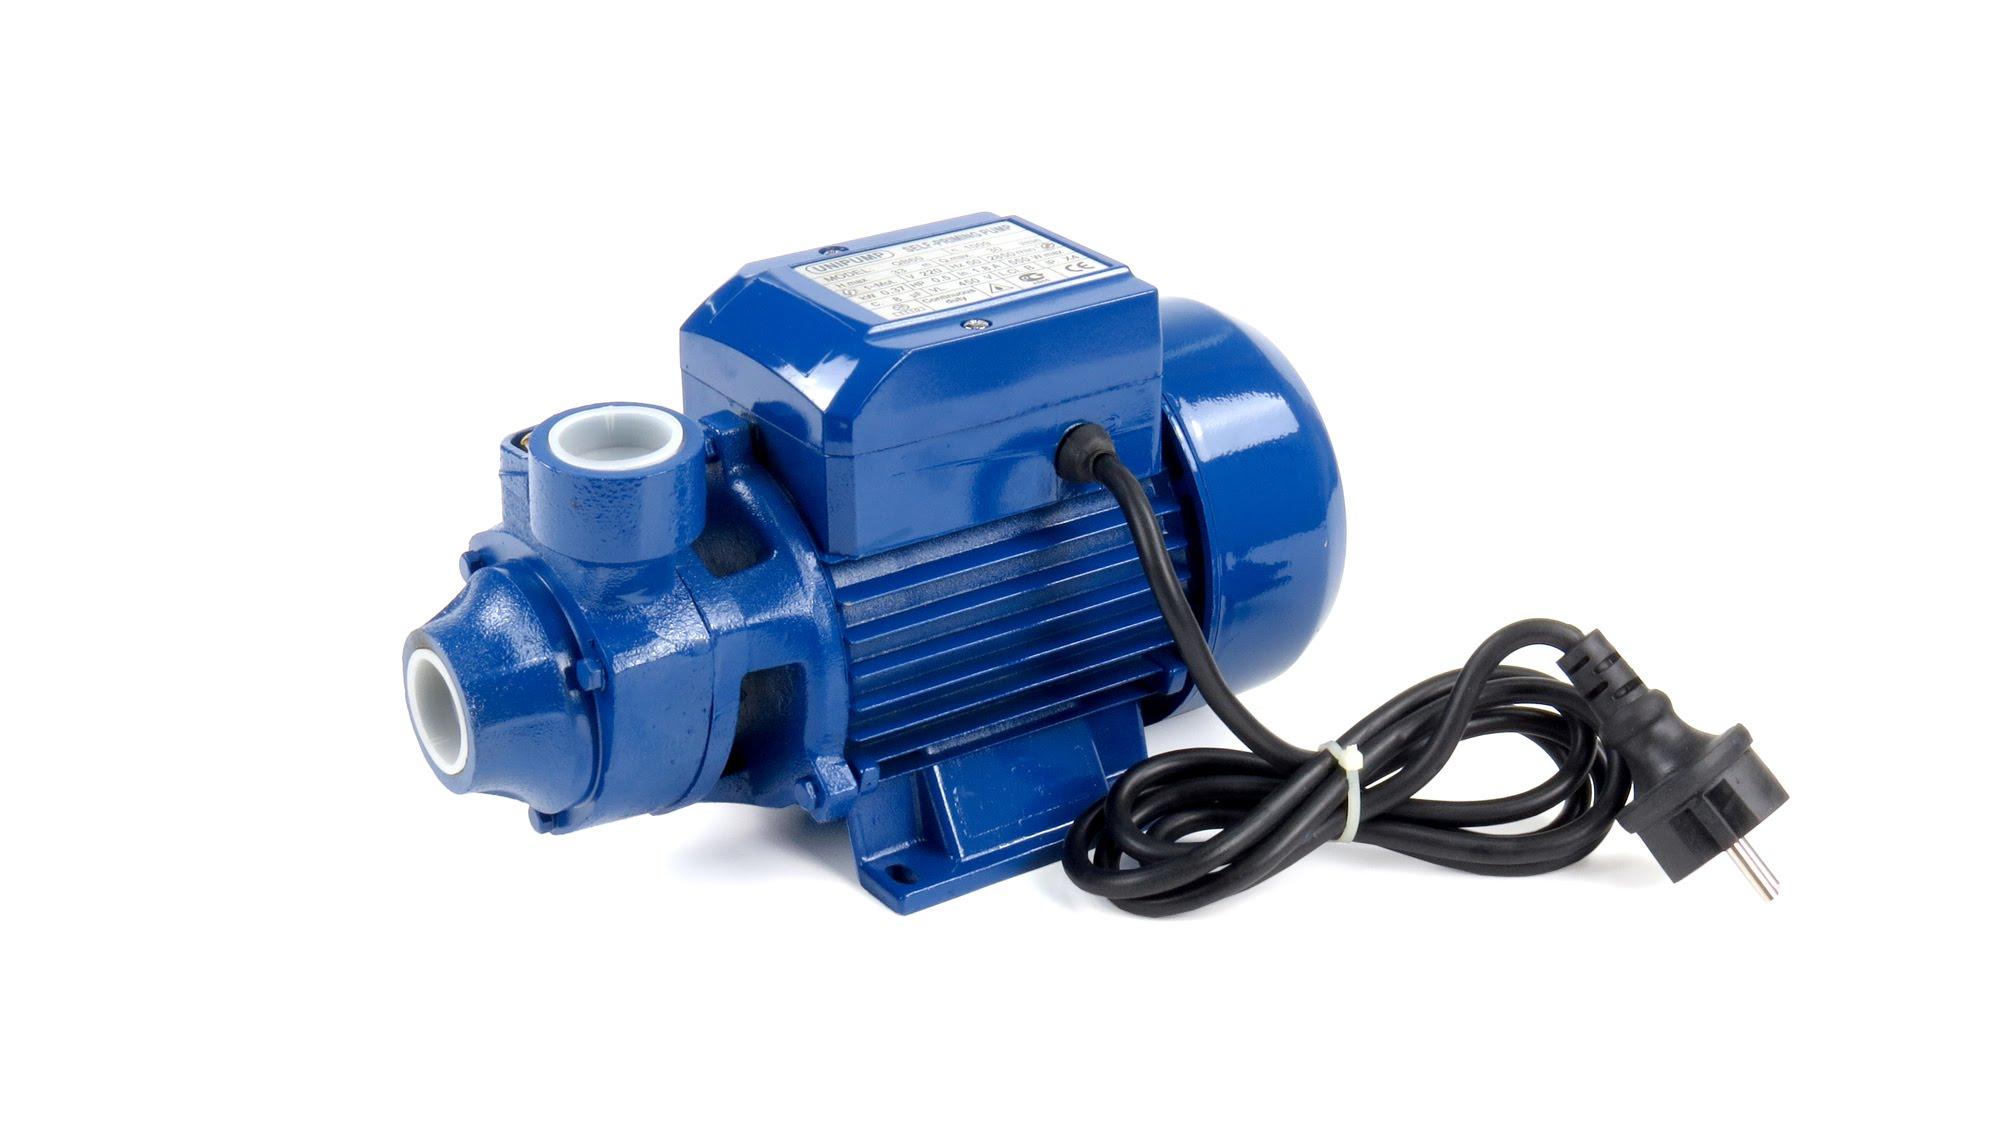 Поверхностный насос – это устройство, которое доставляет воду из реки, озера или колодца